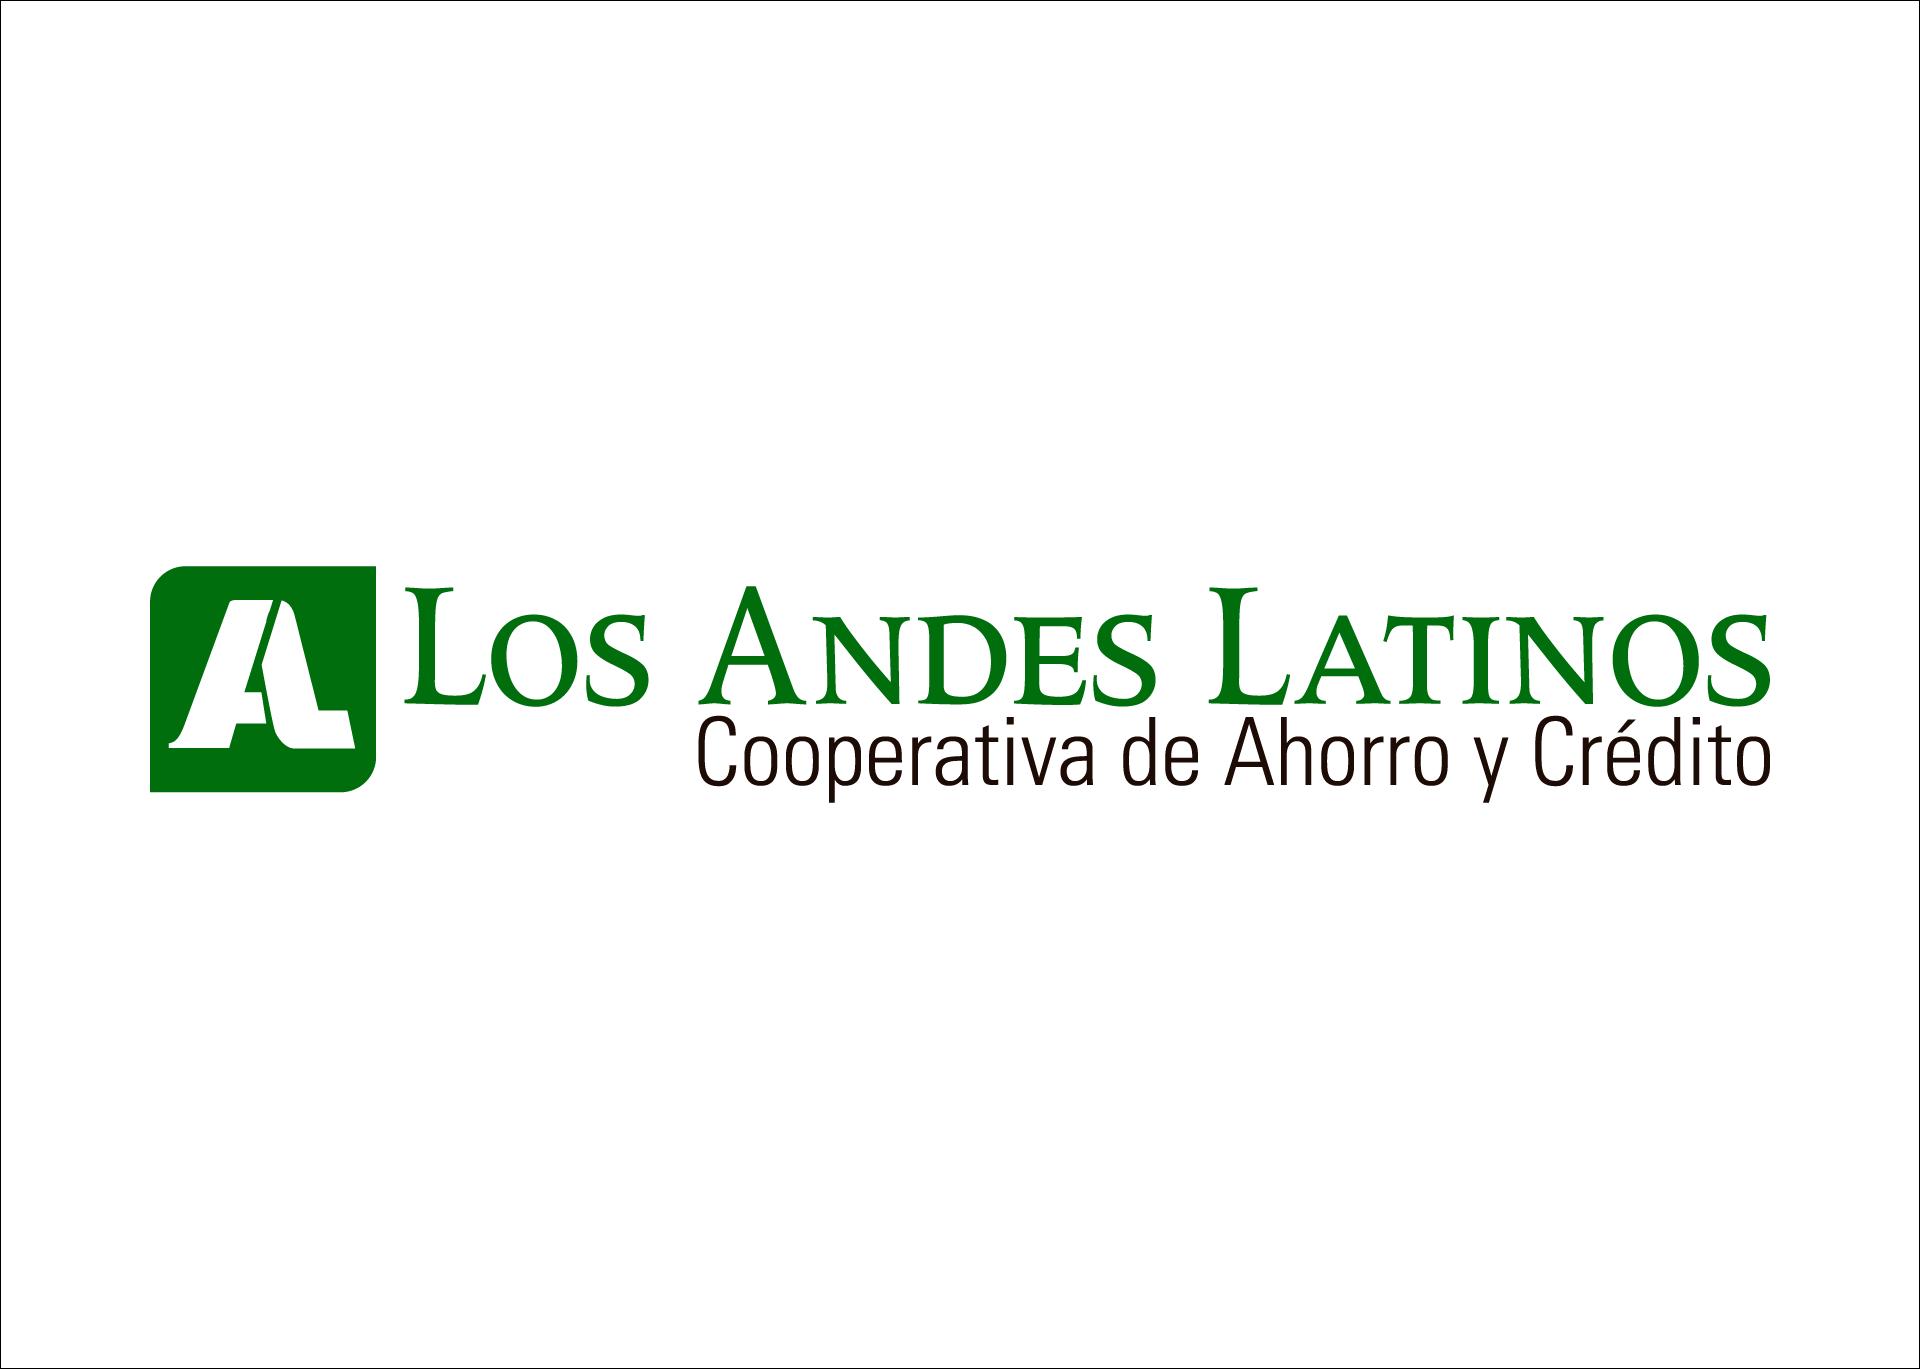 LOGO-LOS-ANDES-LATINOS-2